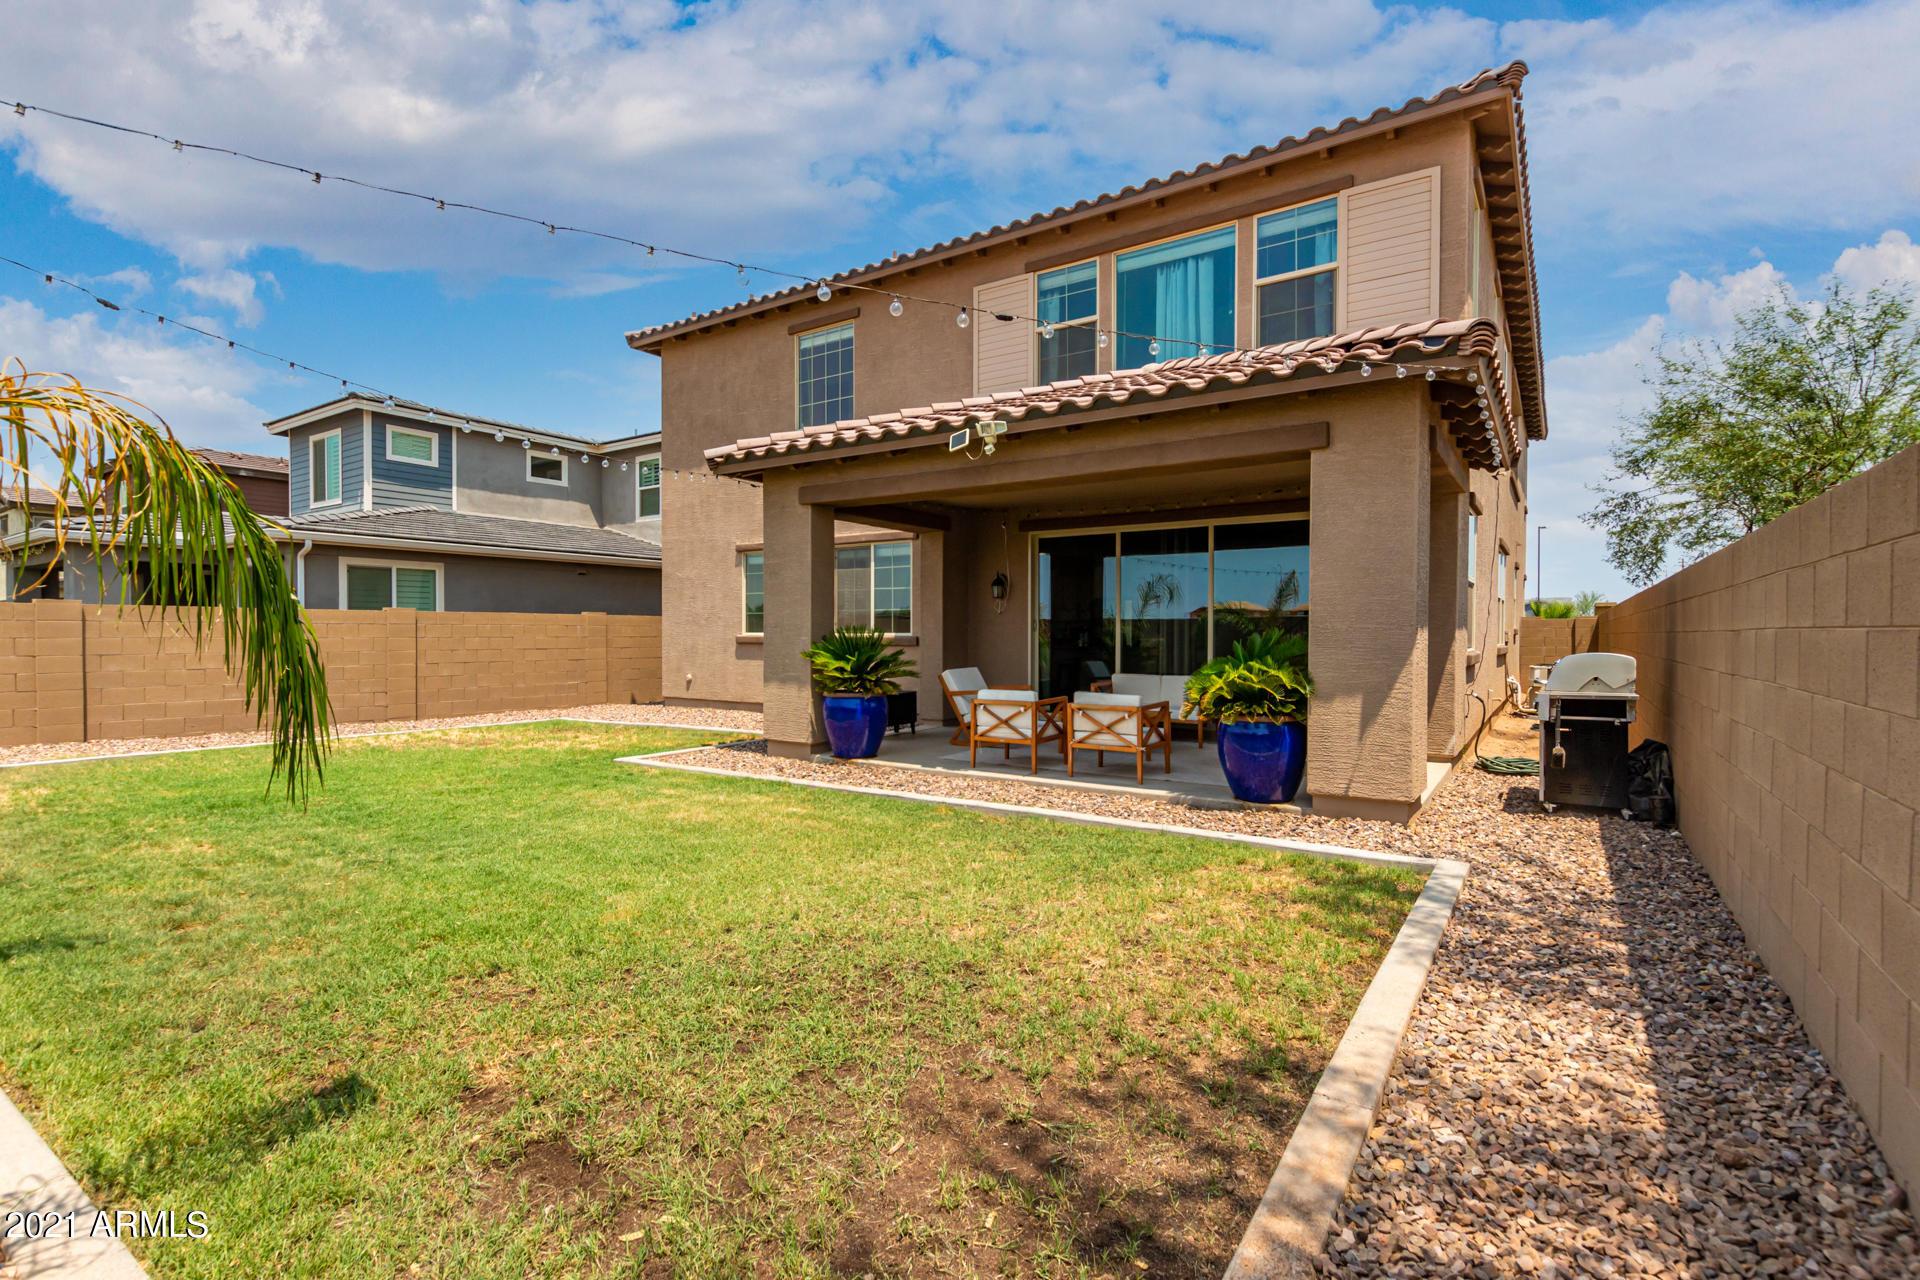 MLS 6268271 289 E DESERT BROOM Drive, Chandler, AZ 85286 Chandler AZ Newly Built